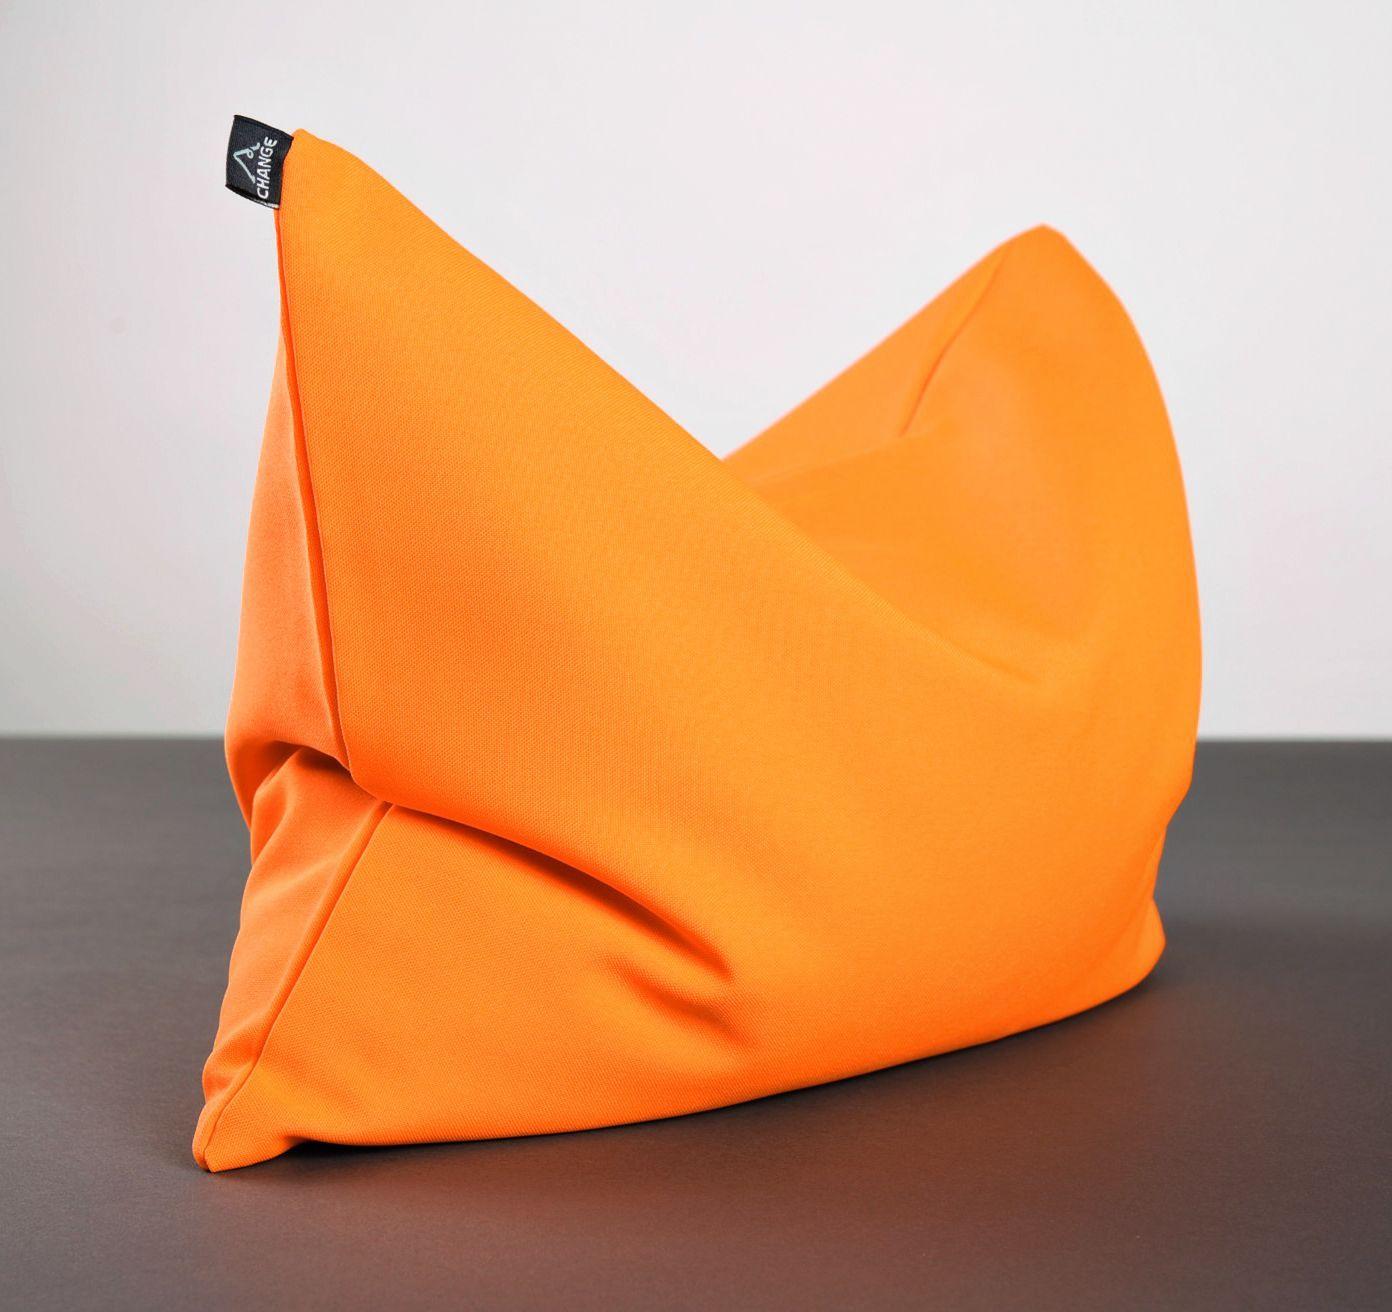 Yoga pillow with buckwheat husk photo 5